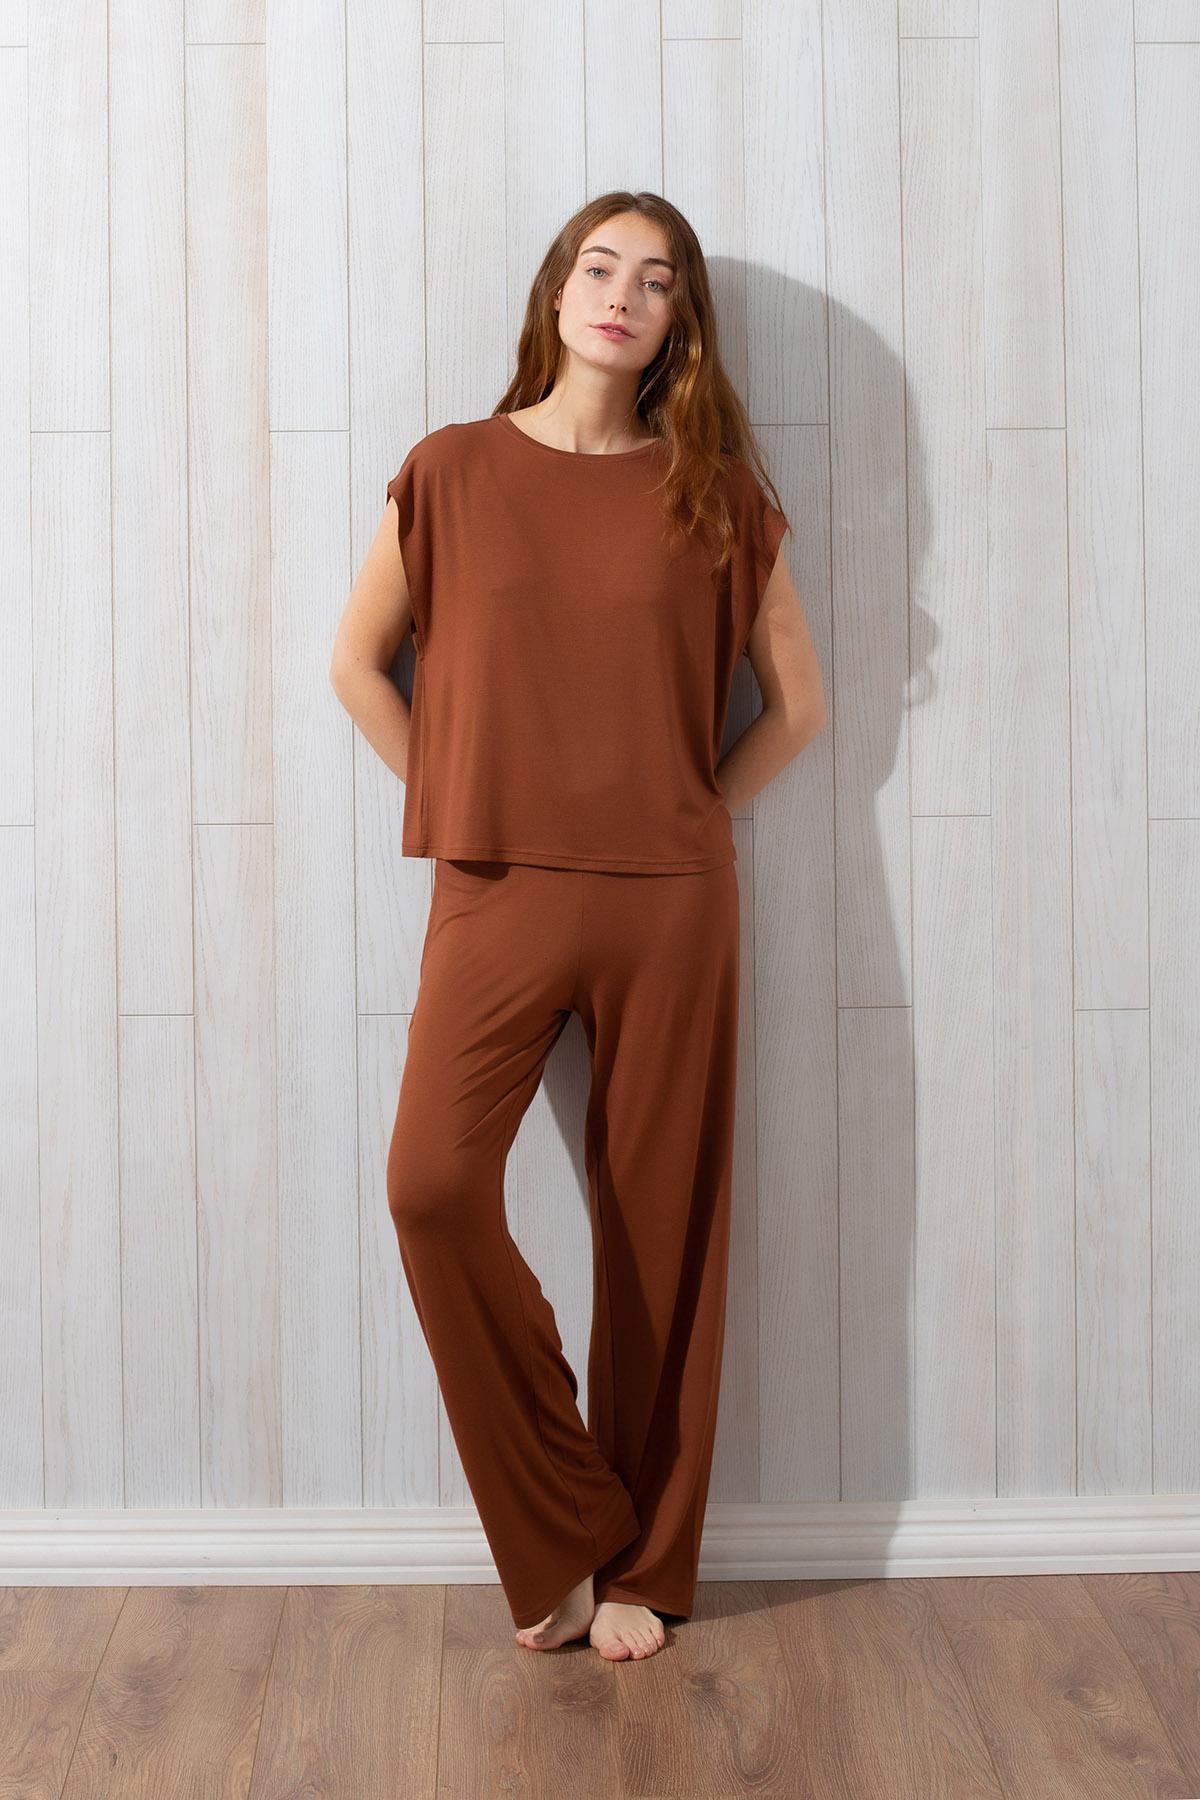 Hays Kadın Pantolonlu Uzun Ev Giyim Takım